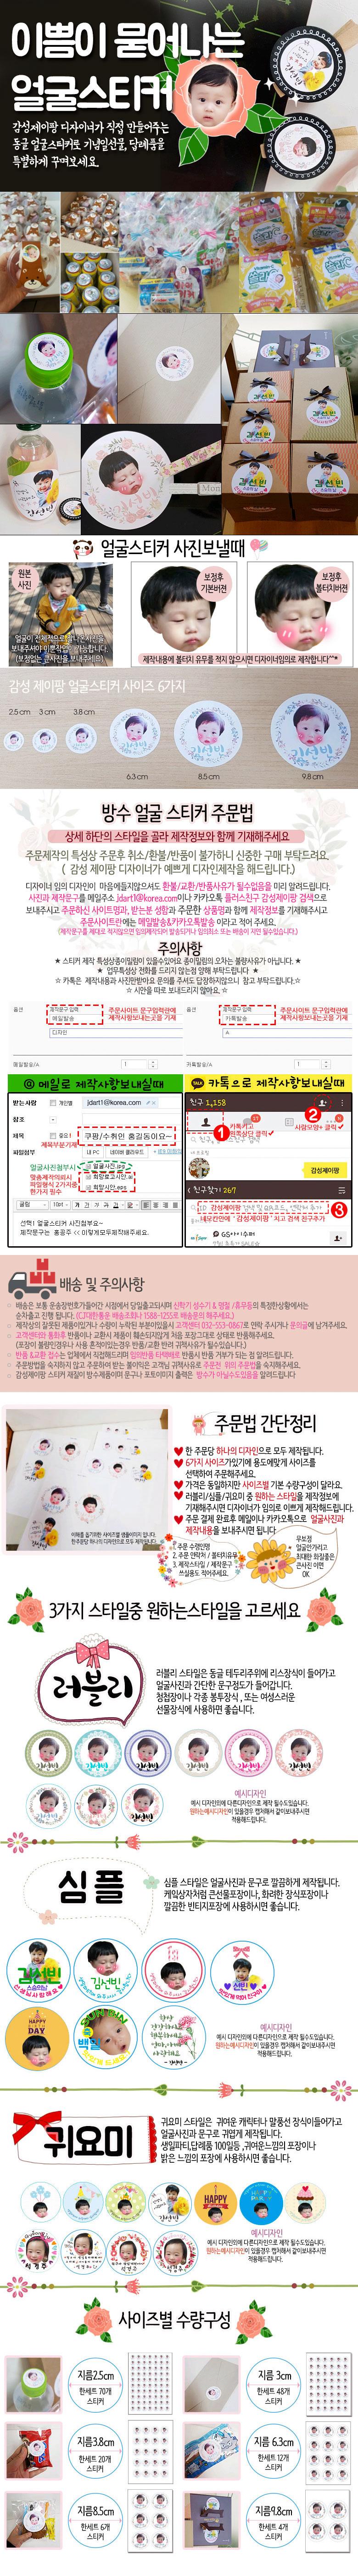 감성제이팡 방수 얼굴스티커 동글 - 제이팡, 5,000원, 스티커, 주문제작/네임스티커